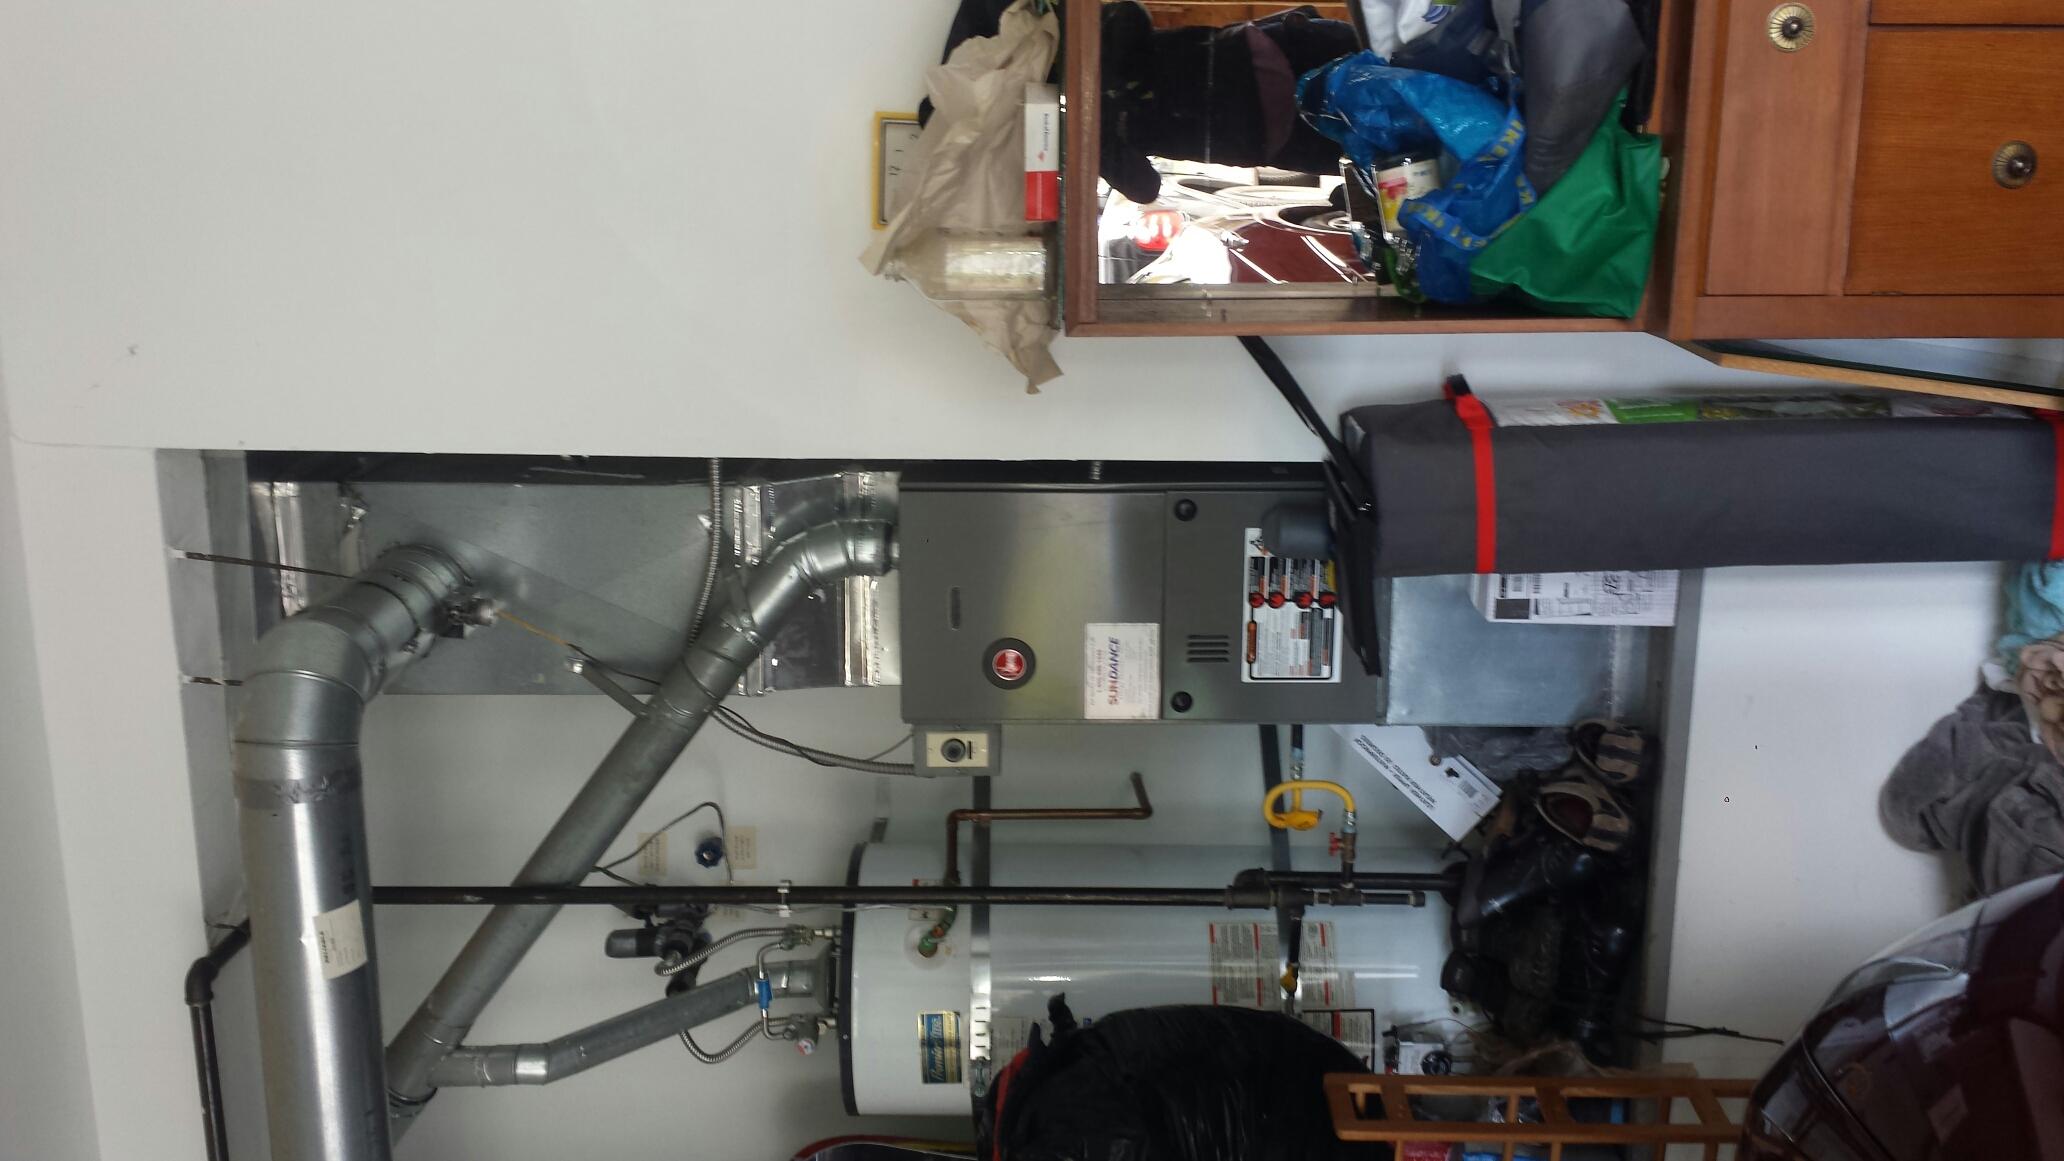 Repairing Rheem furnace in Lynnwood.